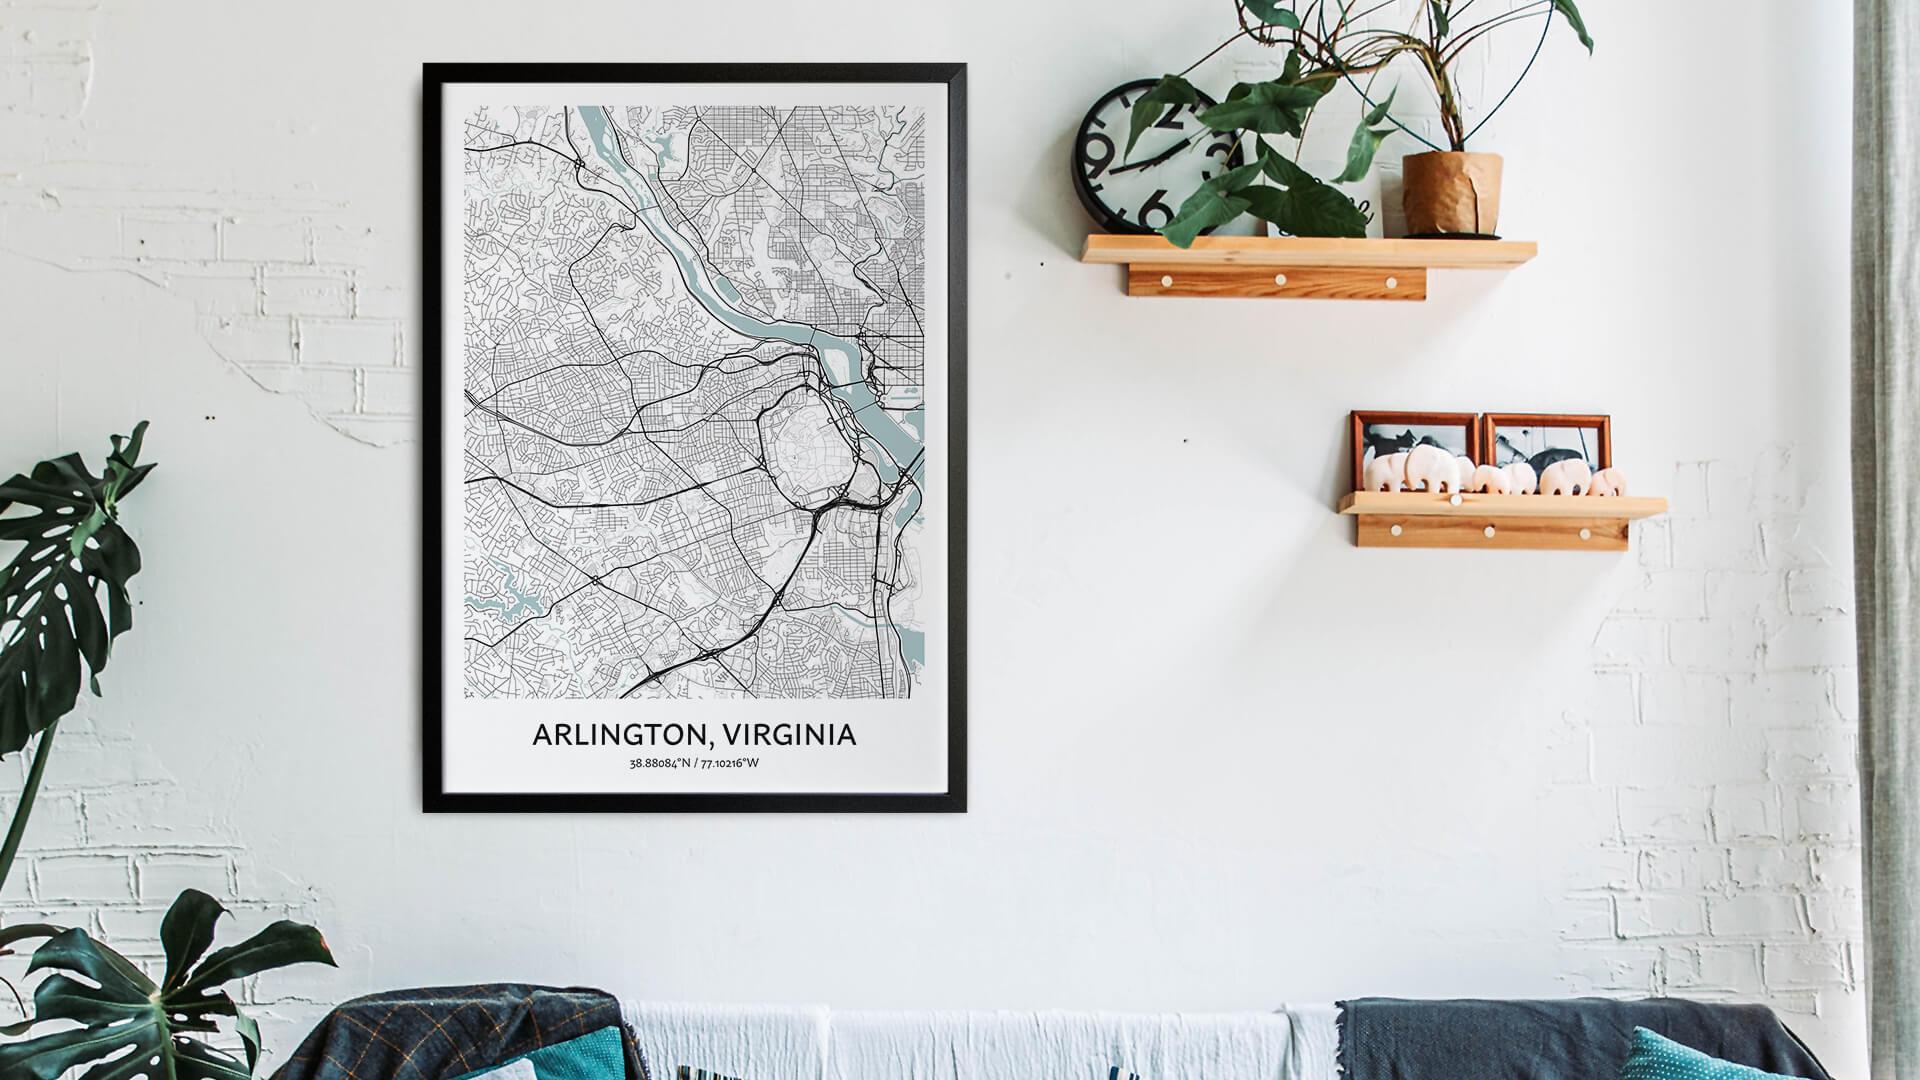 Arlington Virginia map art